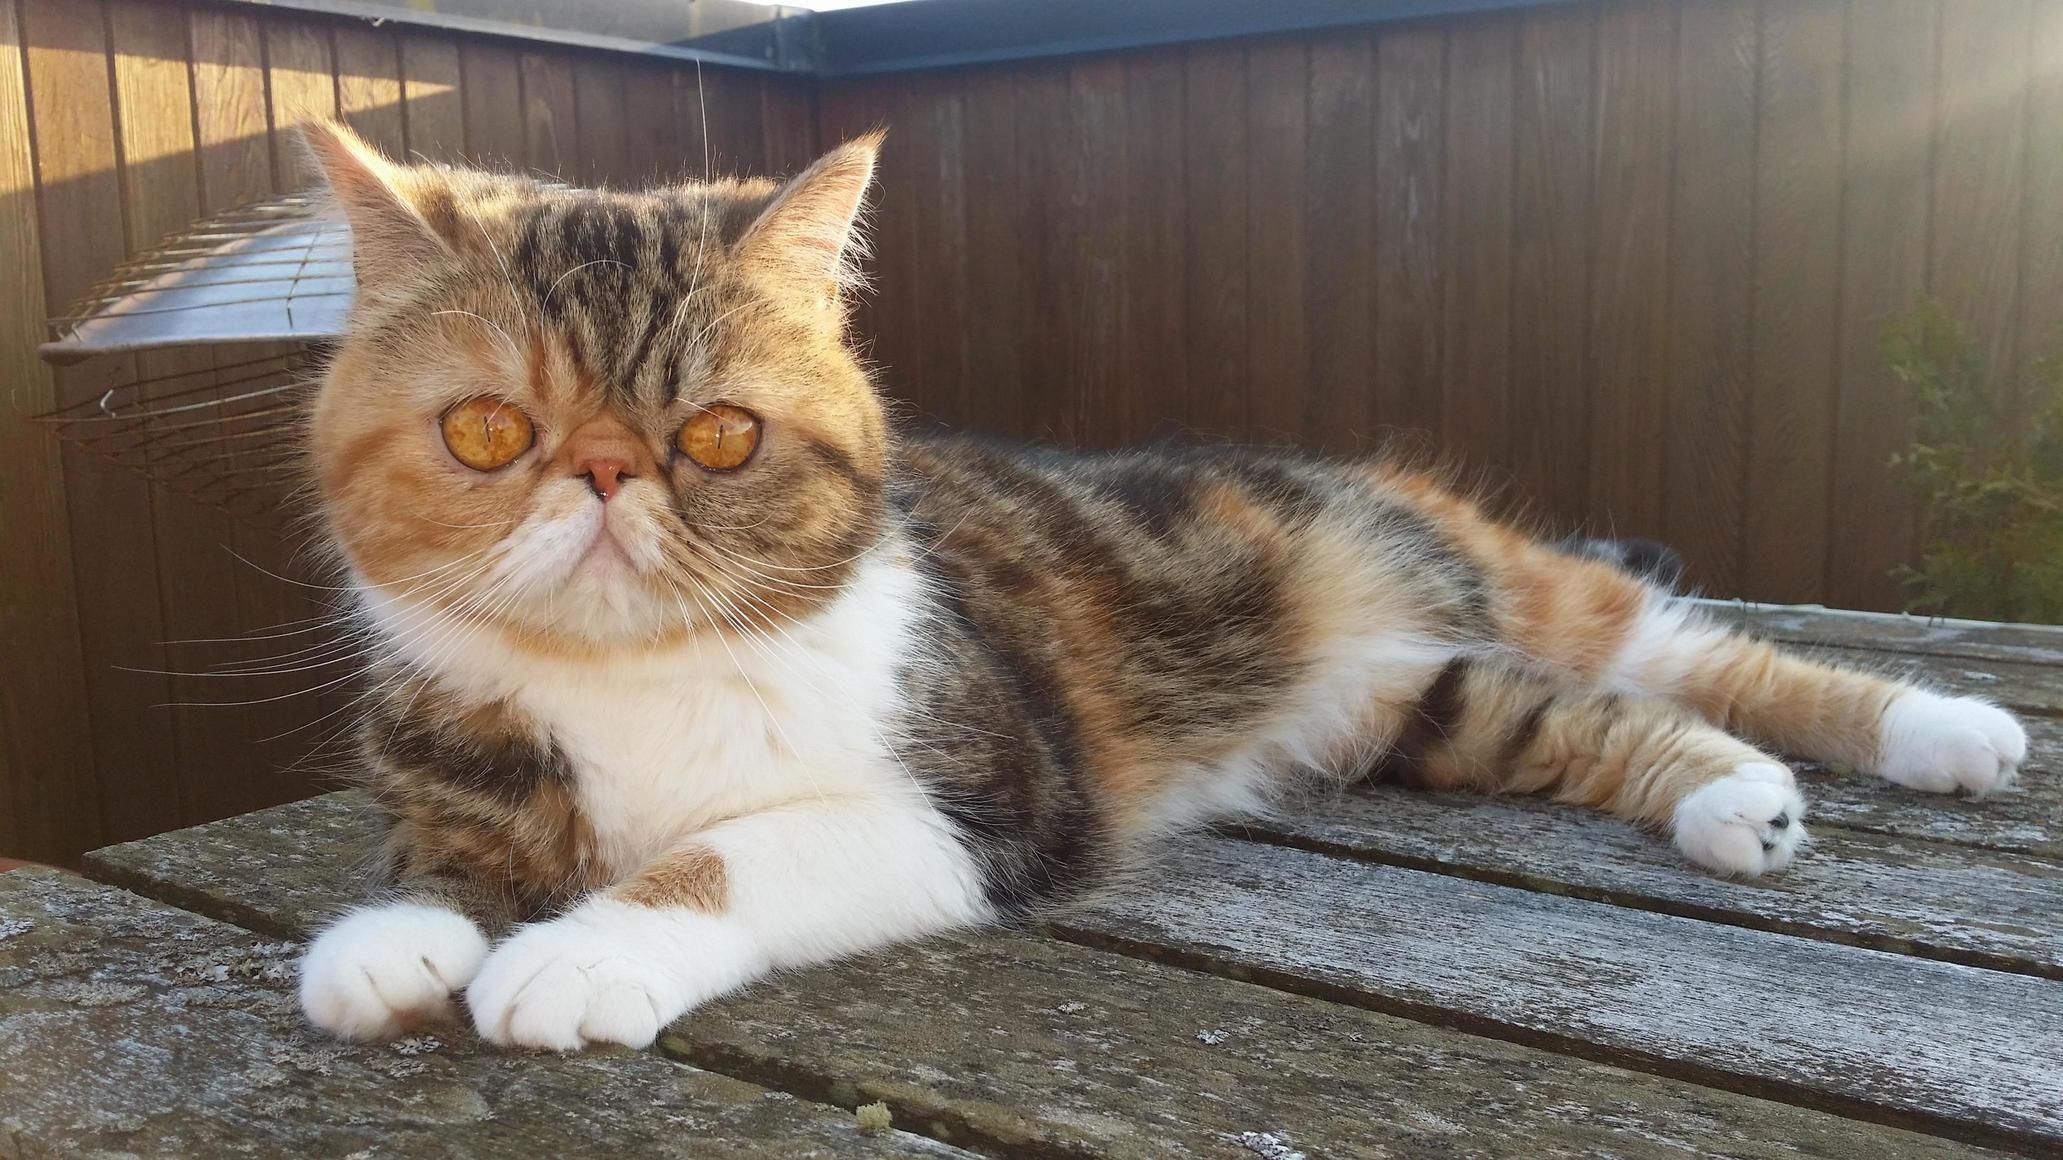 Golden eyes - http://cutecatshq.com/cats/golden-eyes/